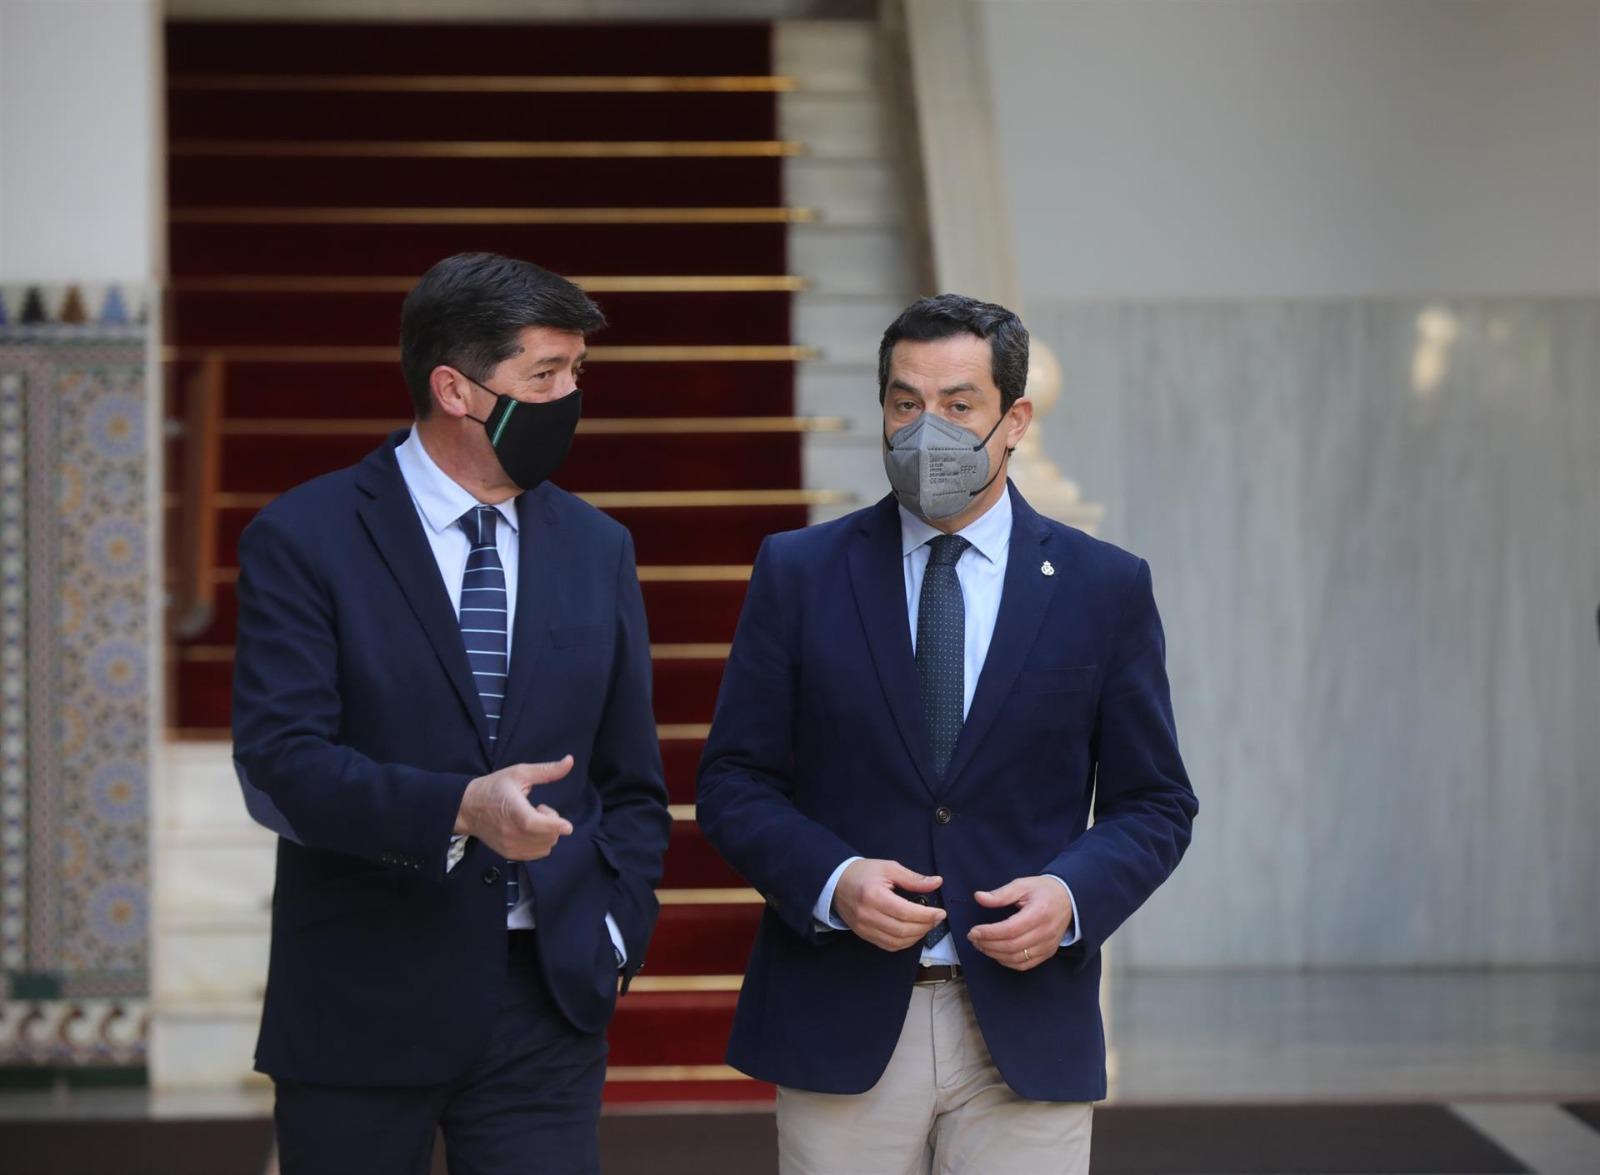 Moreno y Marín escenifican unidad frente a Murcia y Madrid: El Gobierno andaluz es sólido y agotará la legislatura